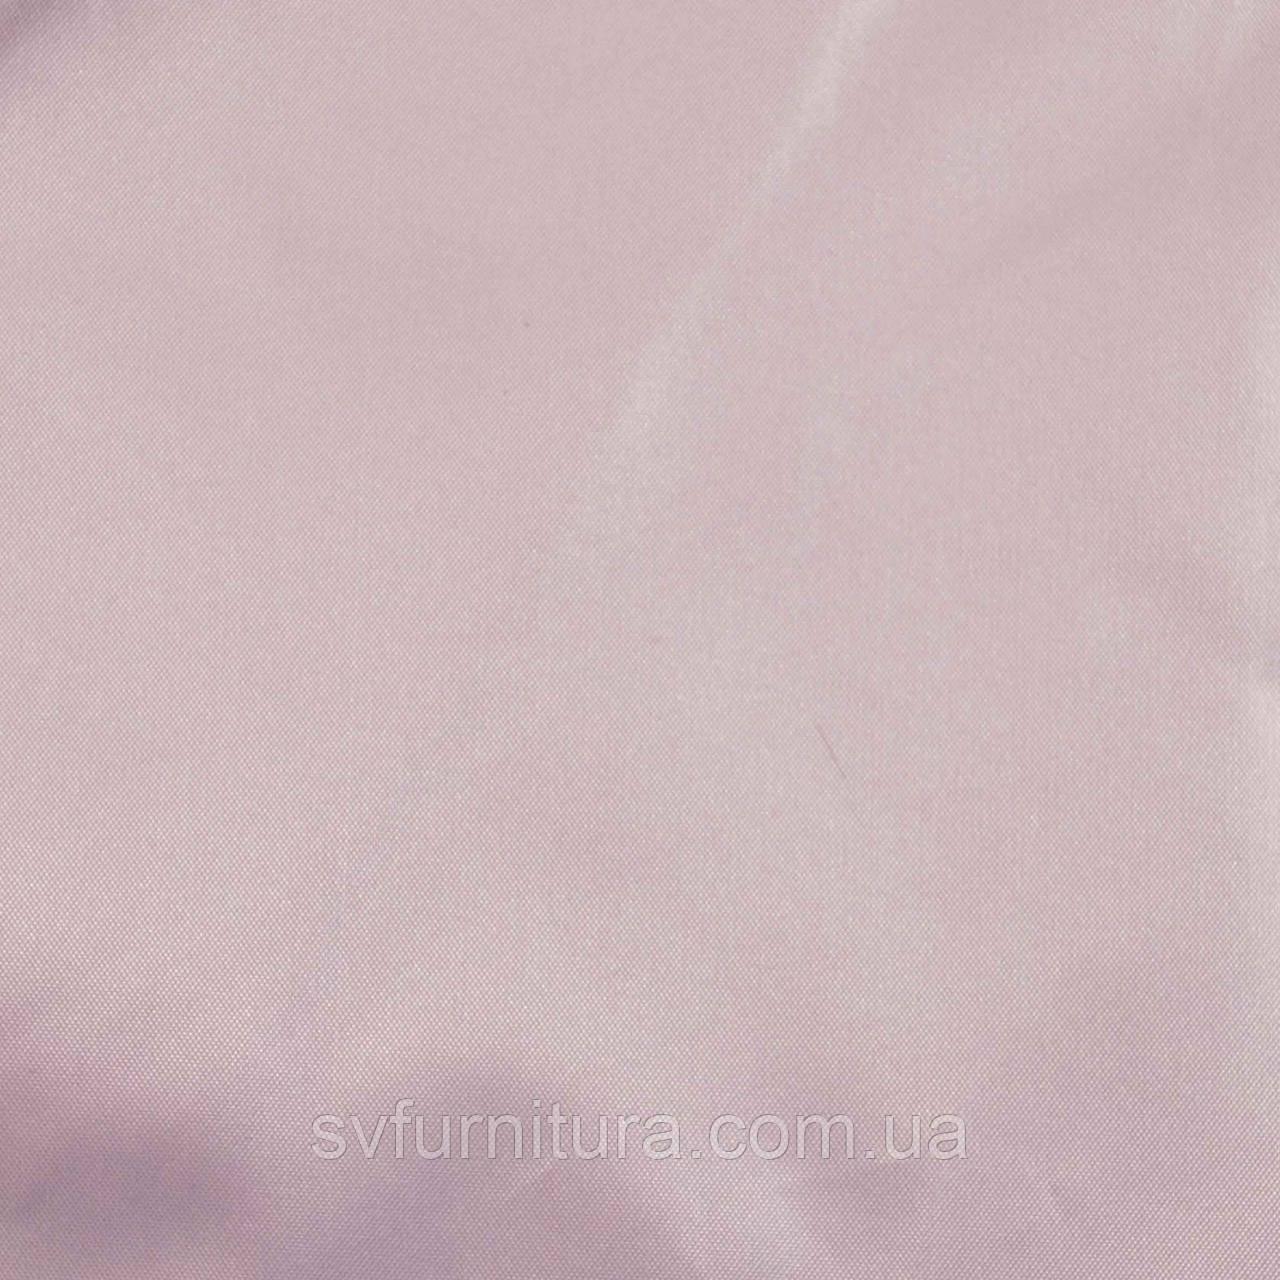 Тканина плащівка АА1 2020 14